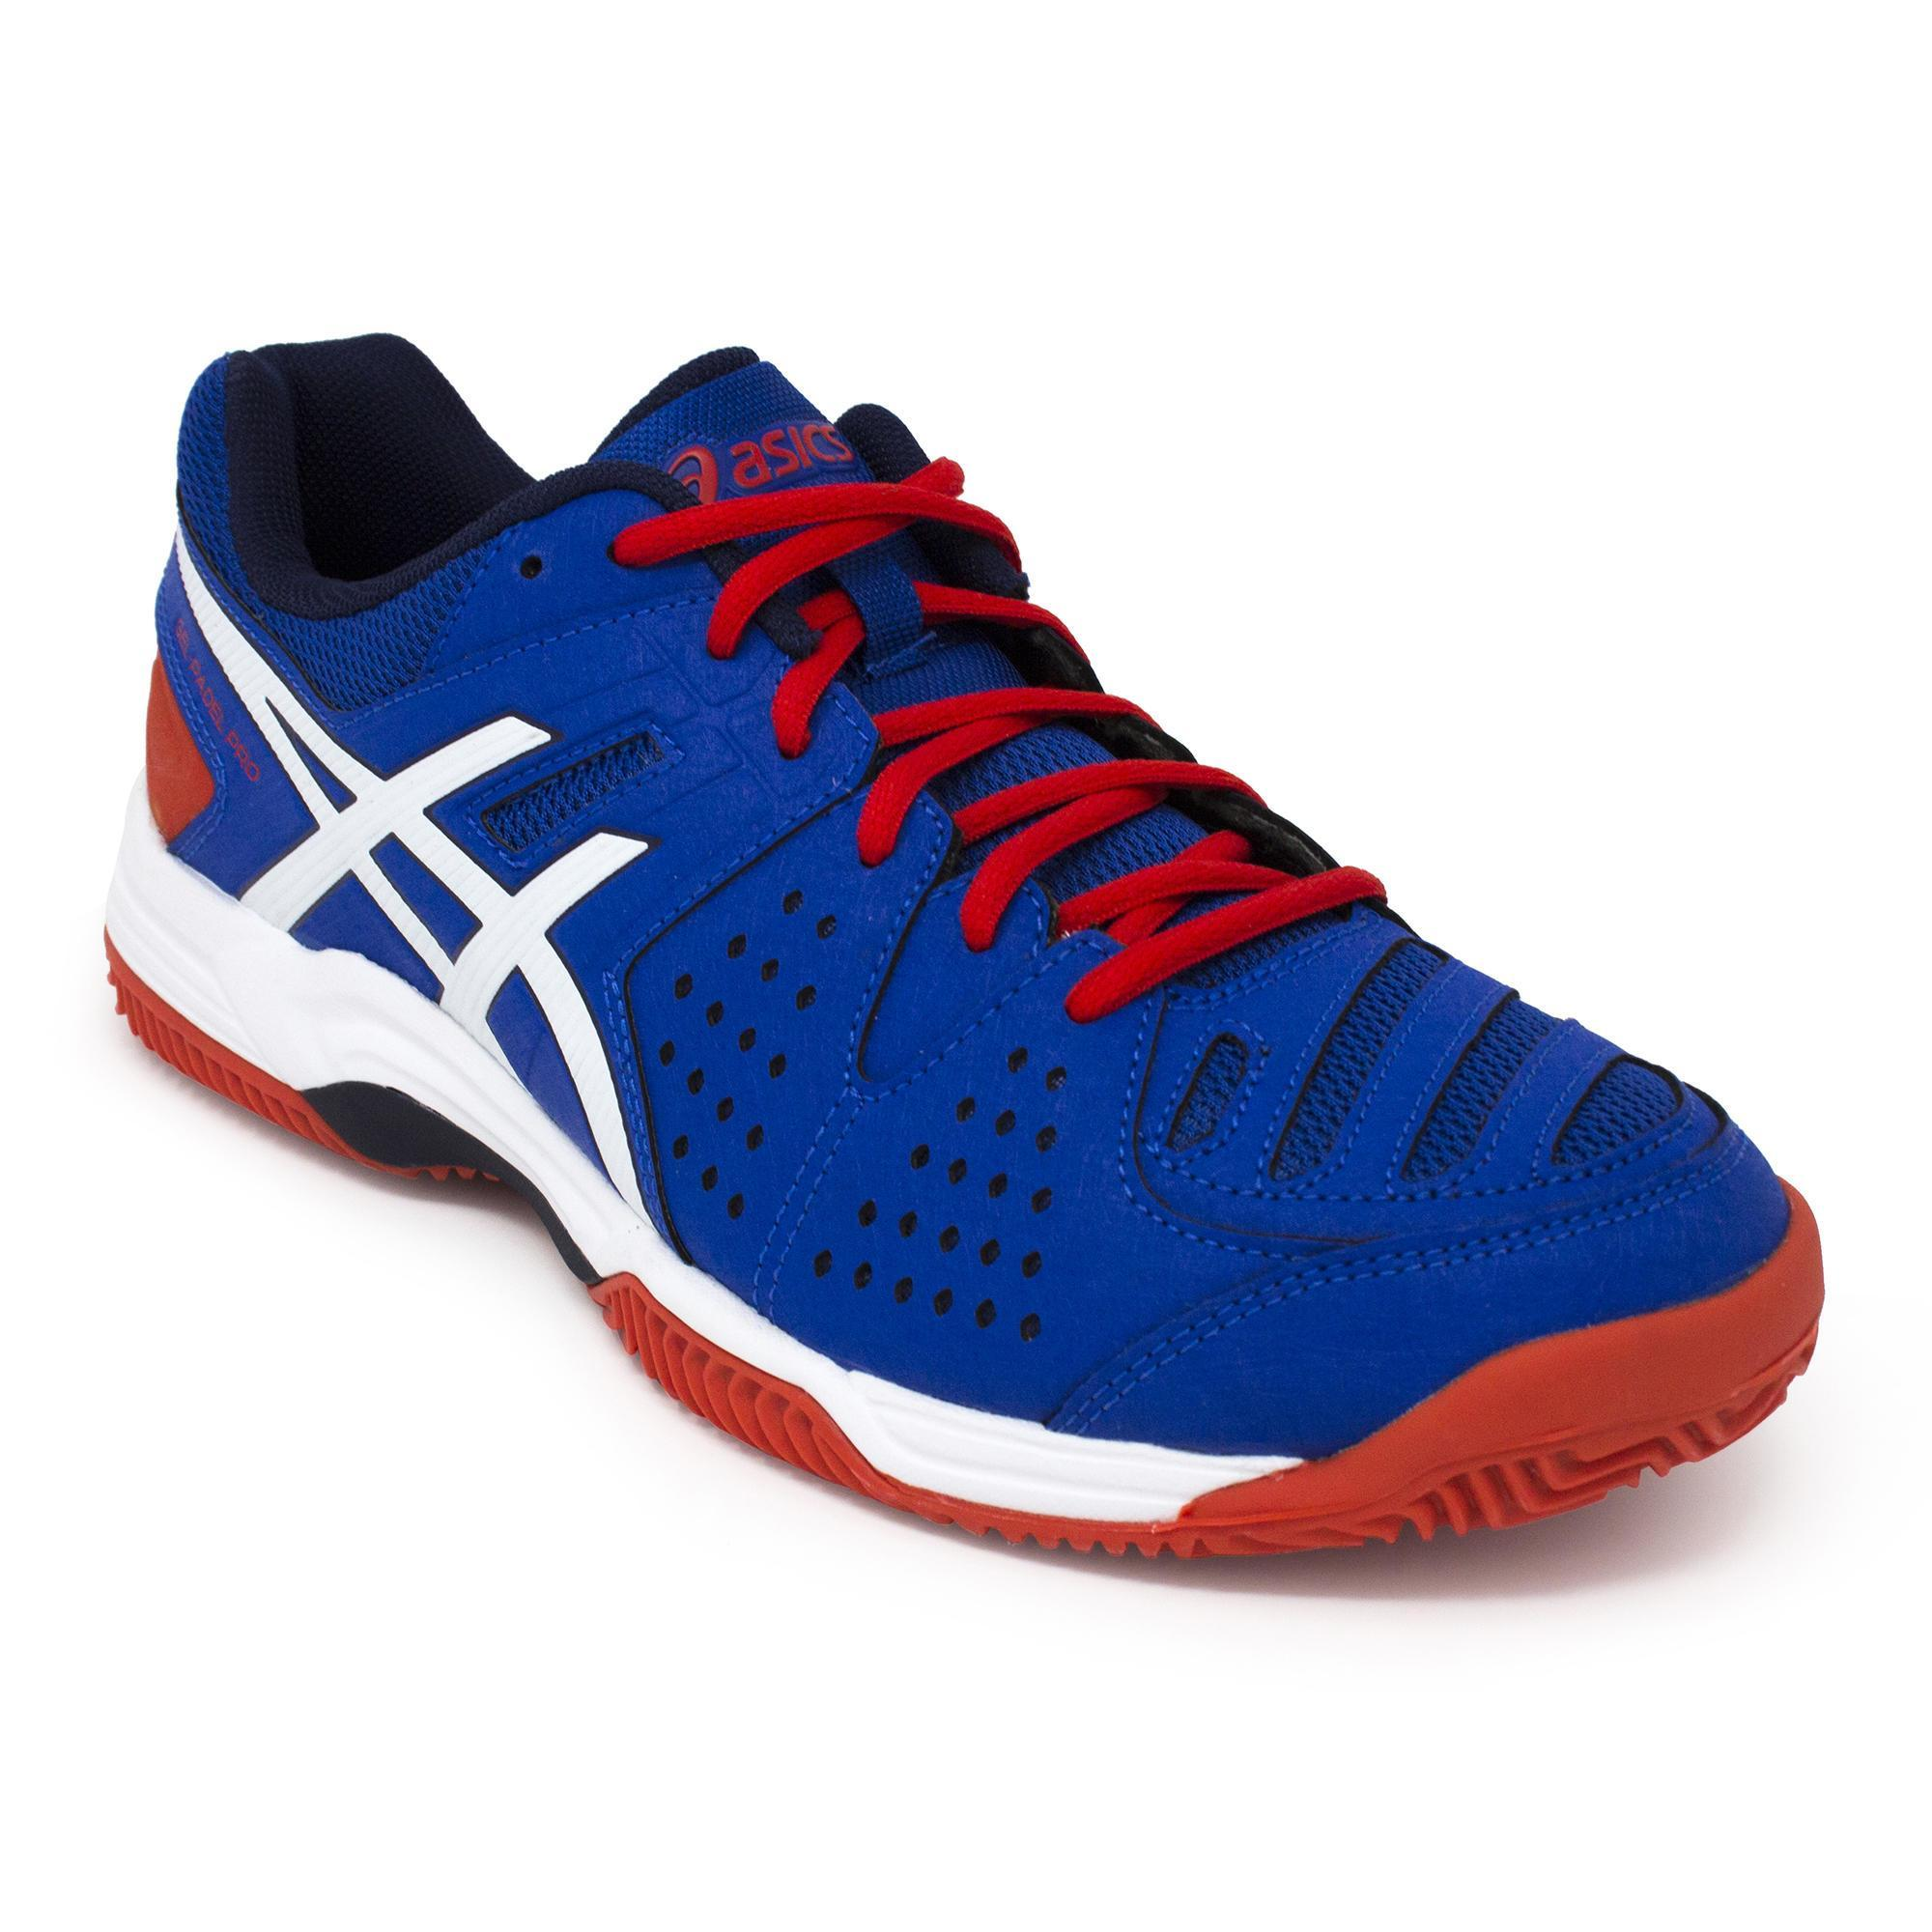 9ccbb70f6f75 Comprar Zapatillas Deportivas de Hombre online | Decathlon